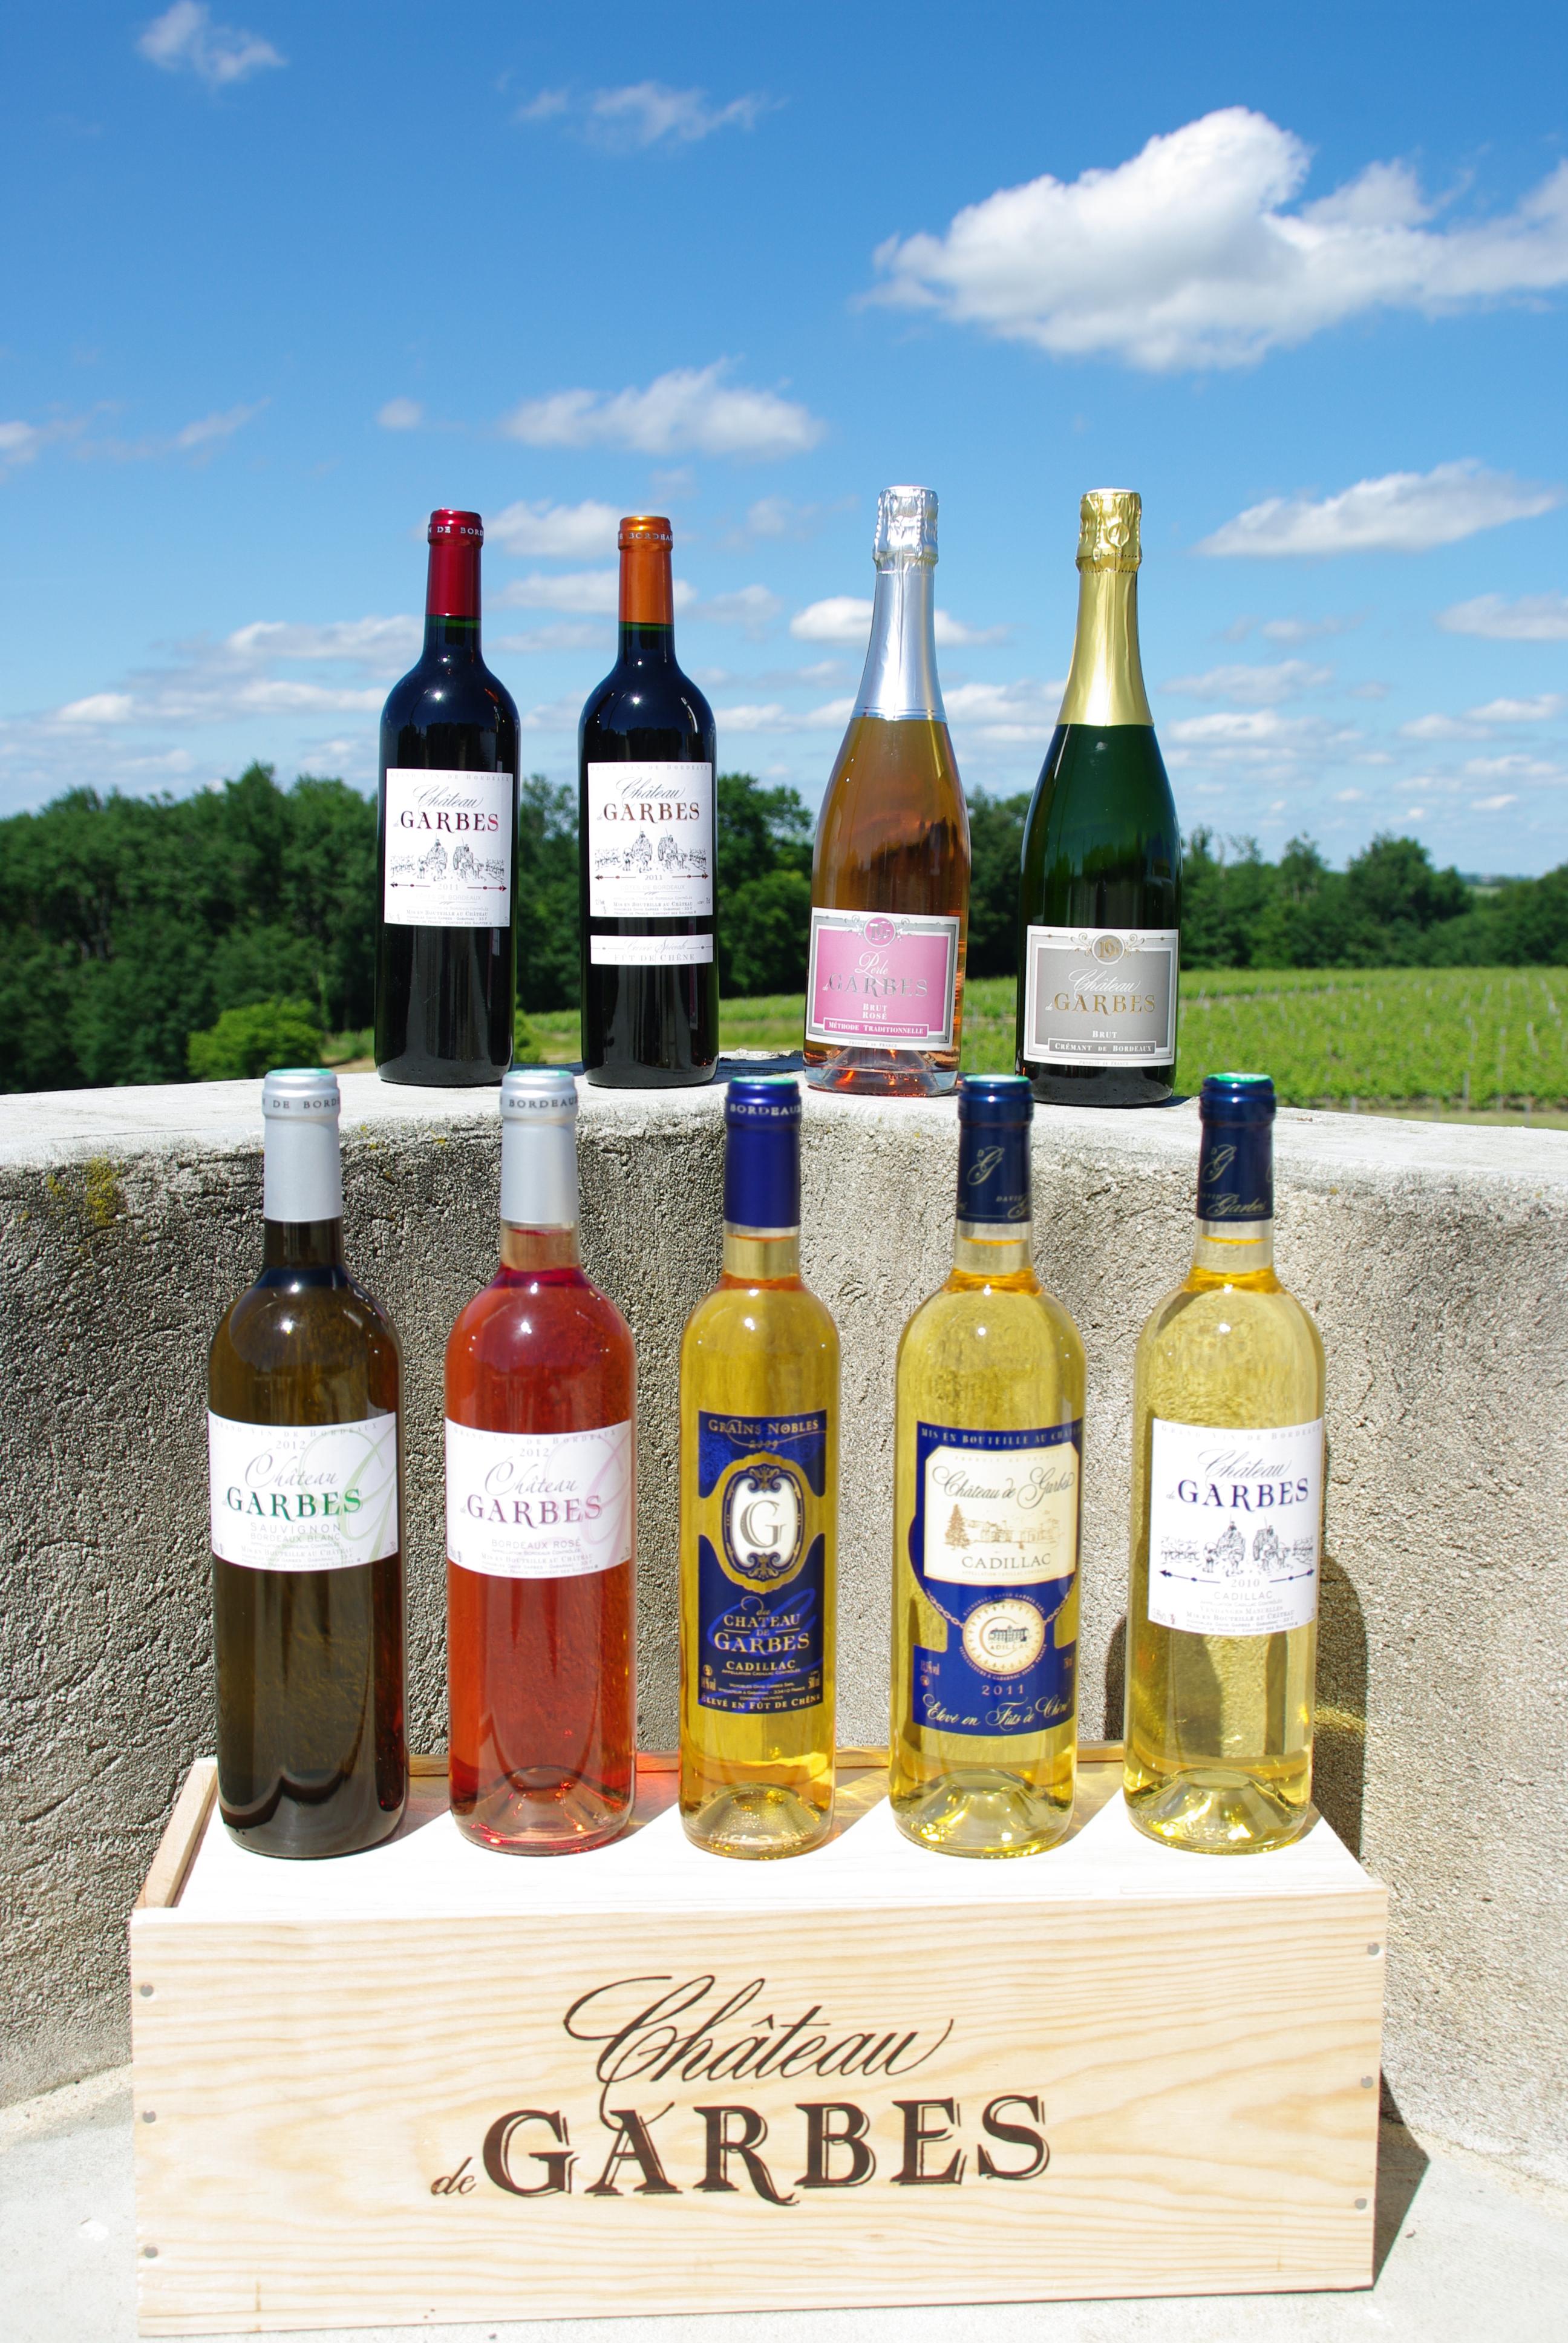 gamme vins du château de Garbes côtes de bordeaux rouge et cadillac